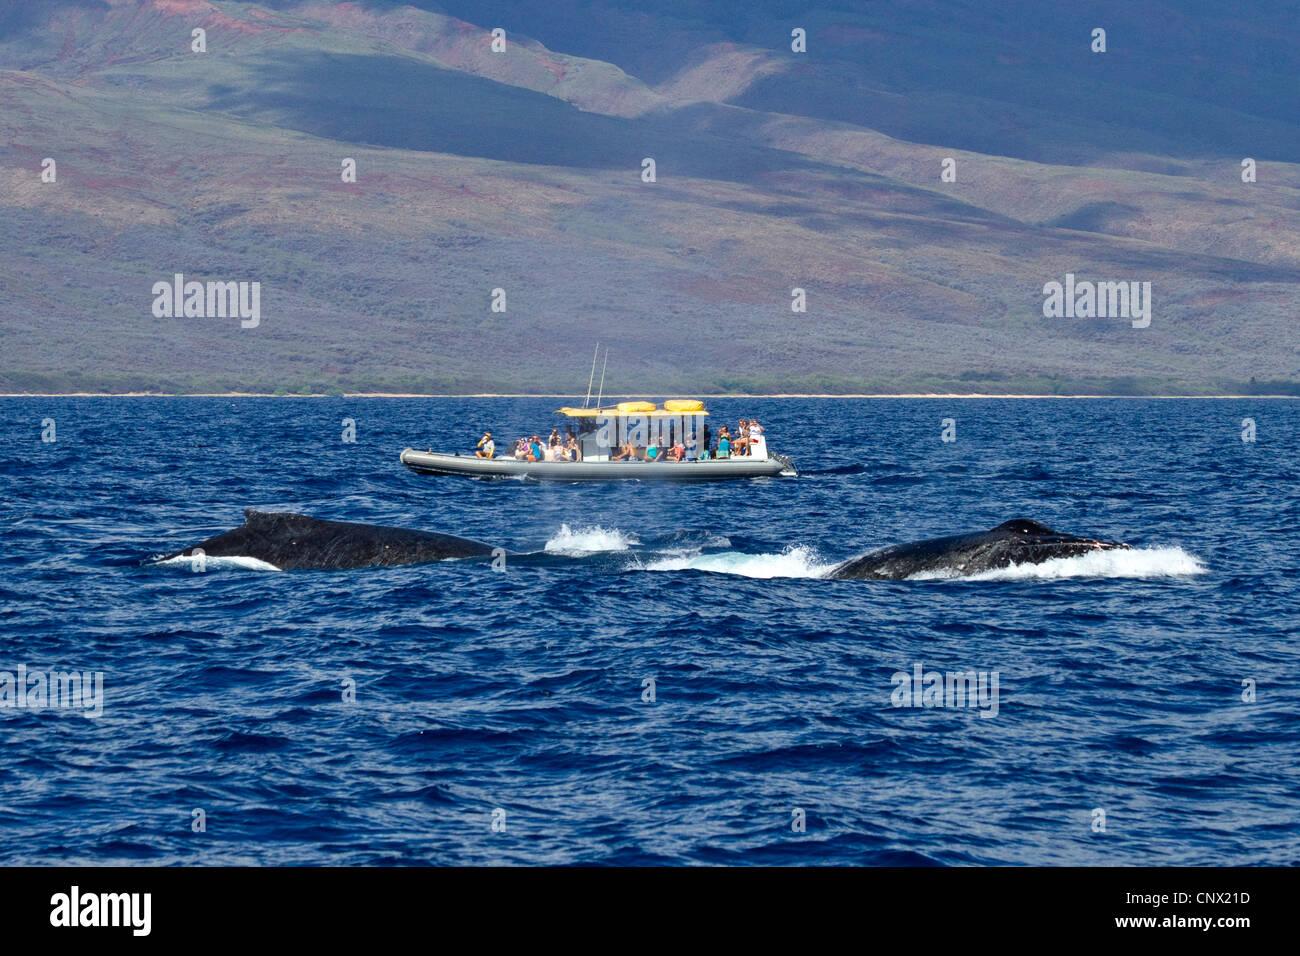 La ballena jorobada (Megaptera novaeangliae), Observación de Ballenas, barco turístico junto a las ballenas twi, EE.UU., Hawai, Maui Foto de stock